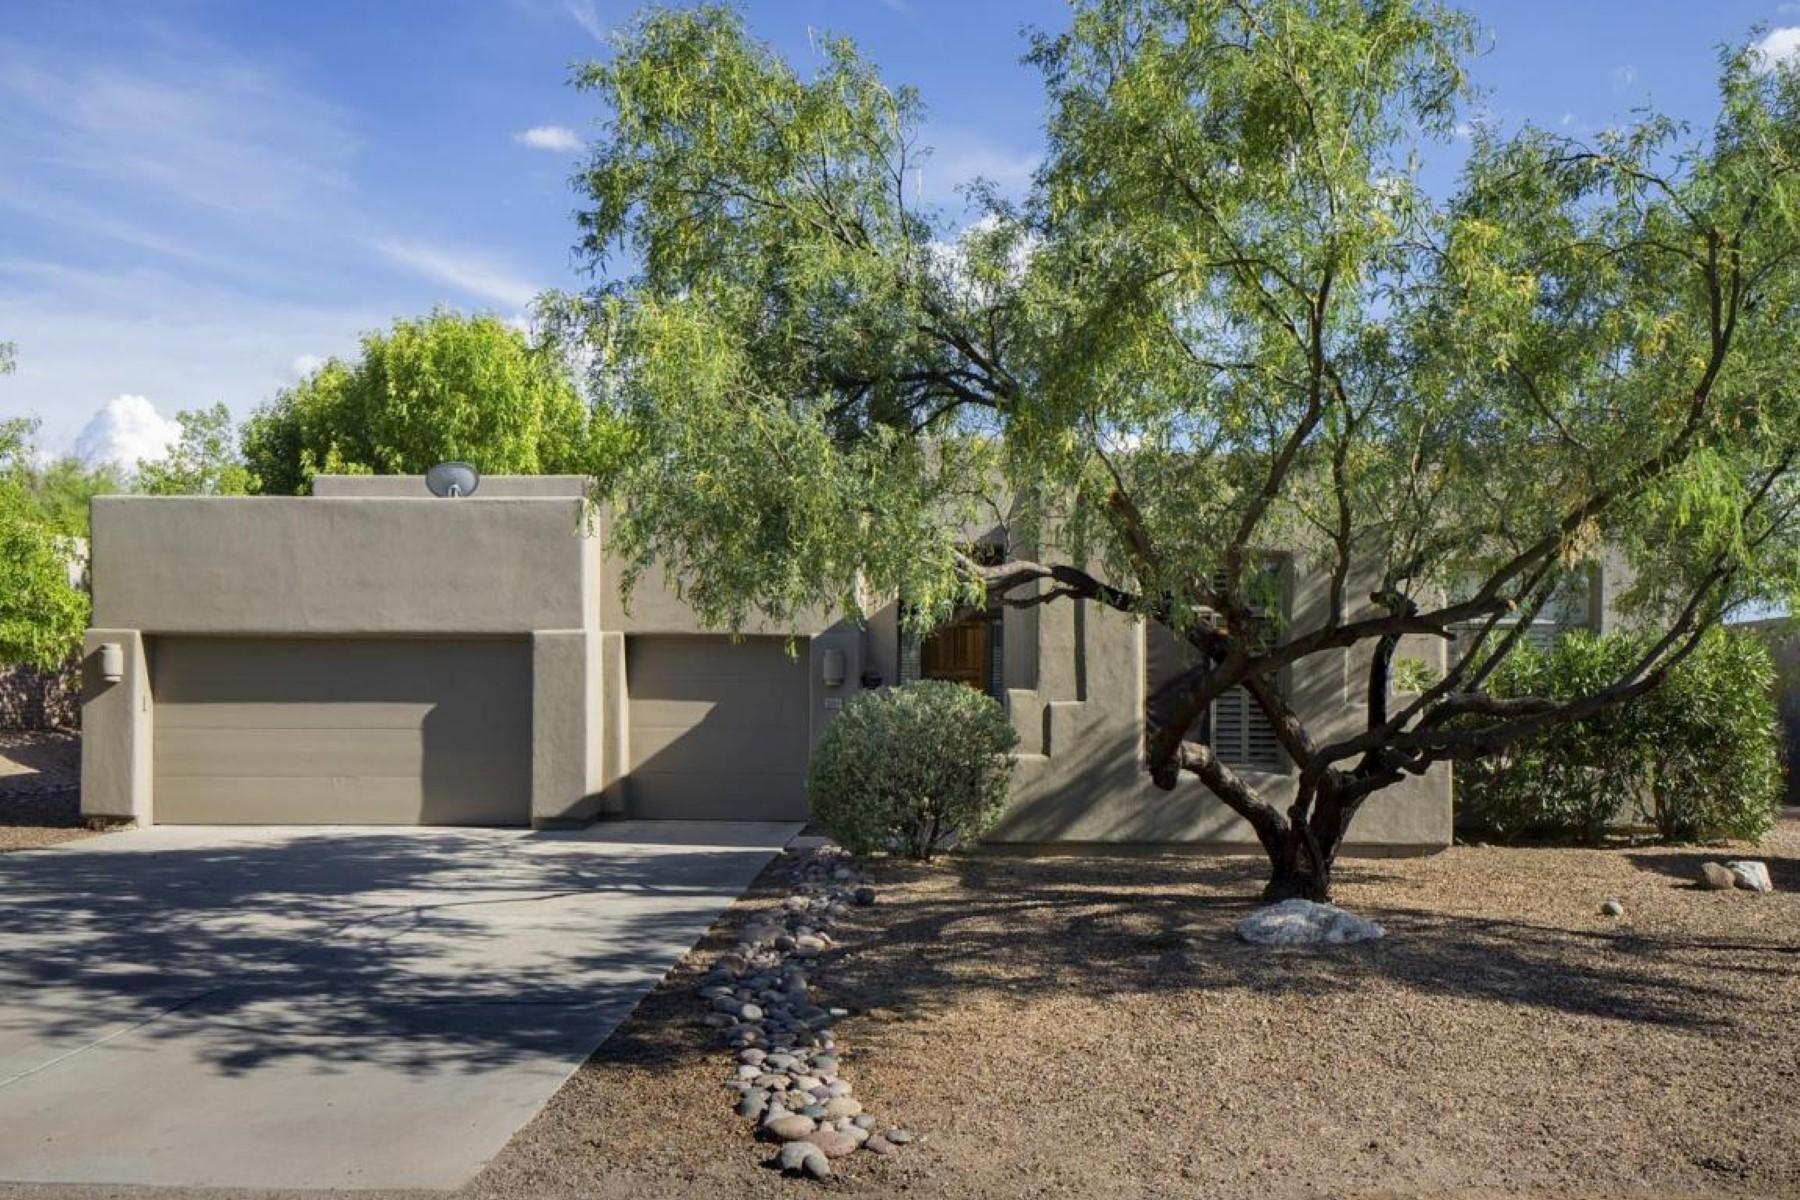 Частный односемейный дом для того Продажа на Easy Living in this fabulous one story home. 1765 W Placita De Vanegas Tucson, Аризона 85704 Соединенные Штаты